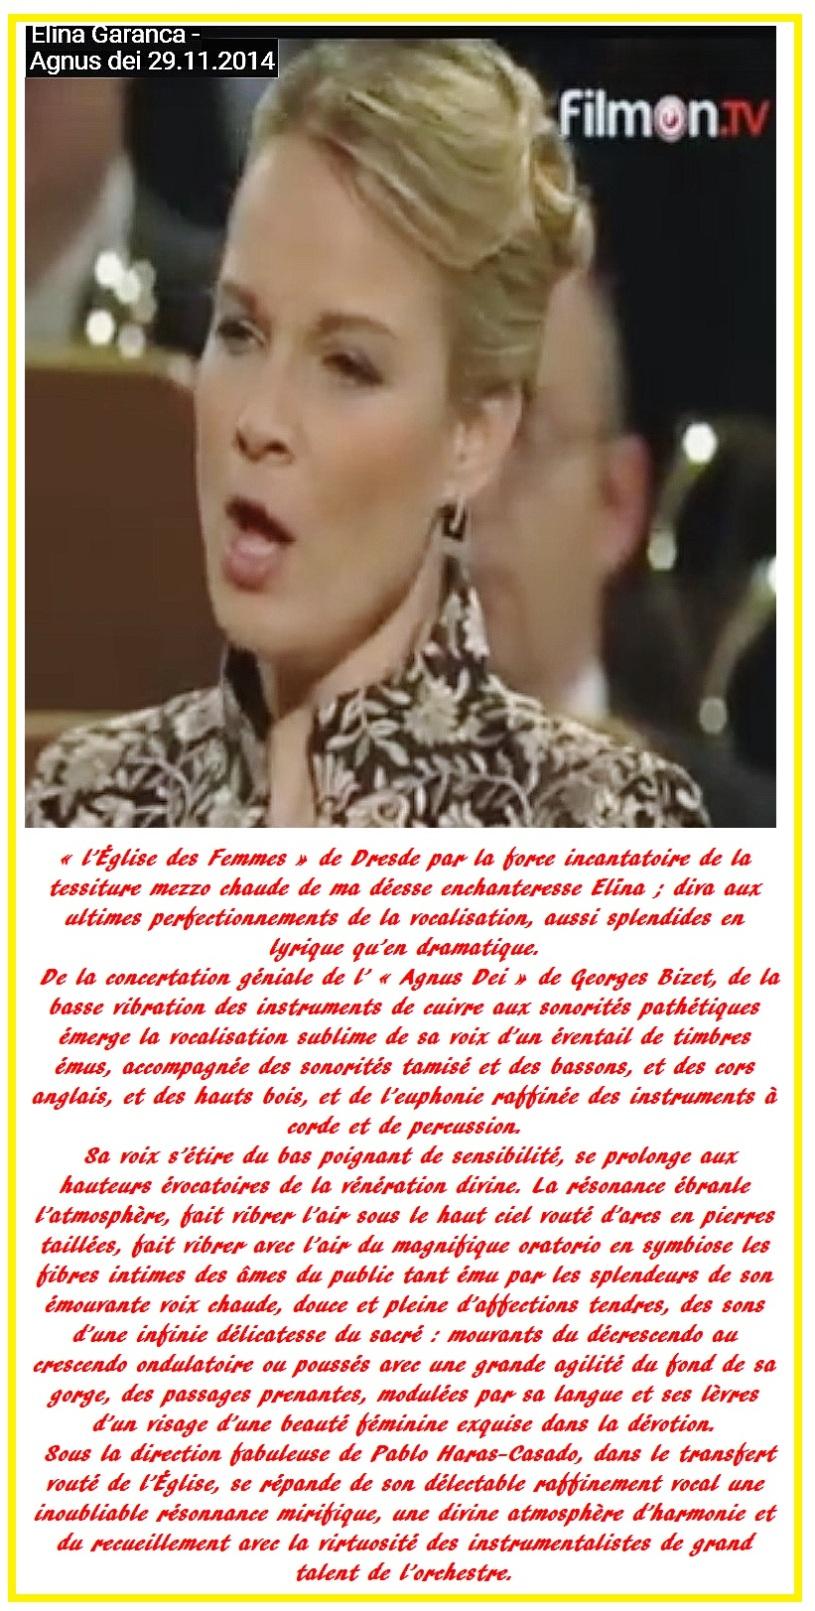 Elīna Garanča 16 - Agnus Dei, Georges Bizet